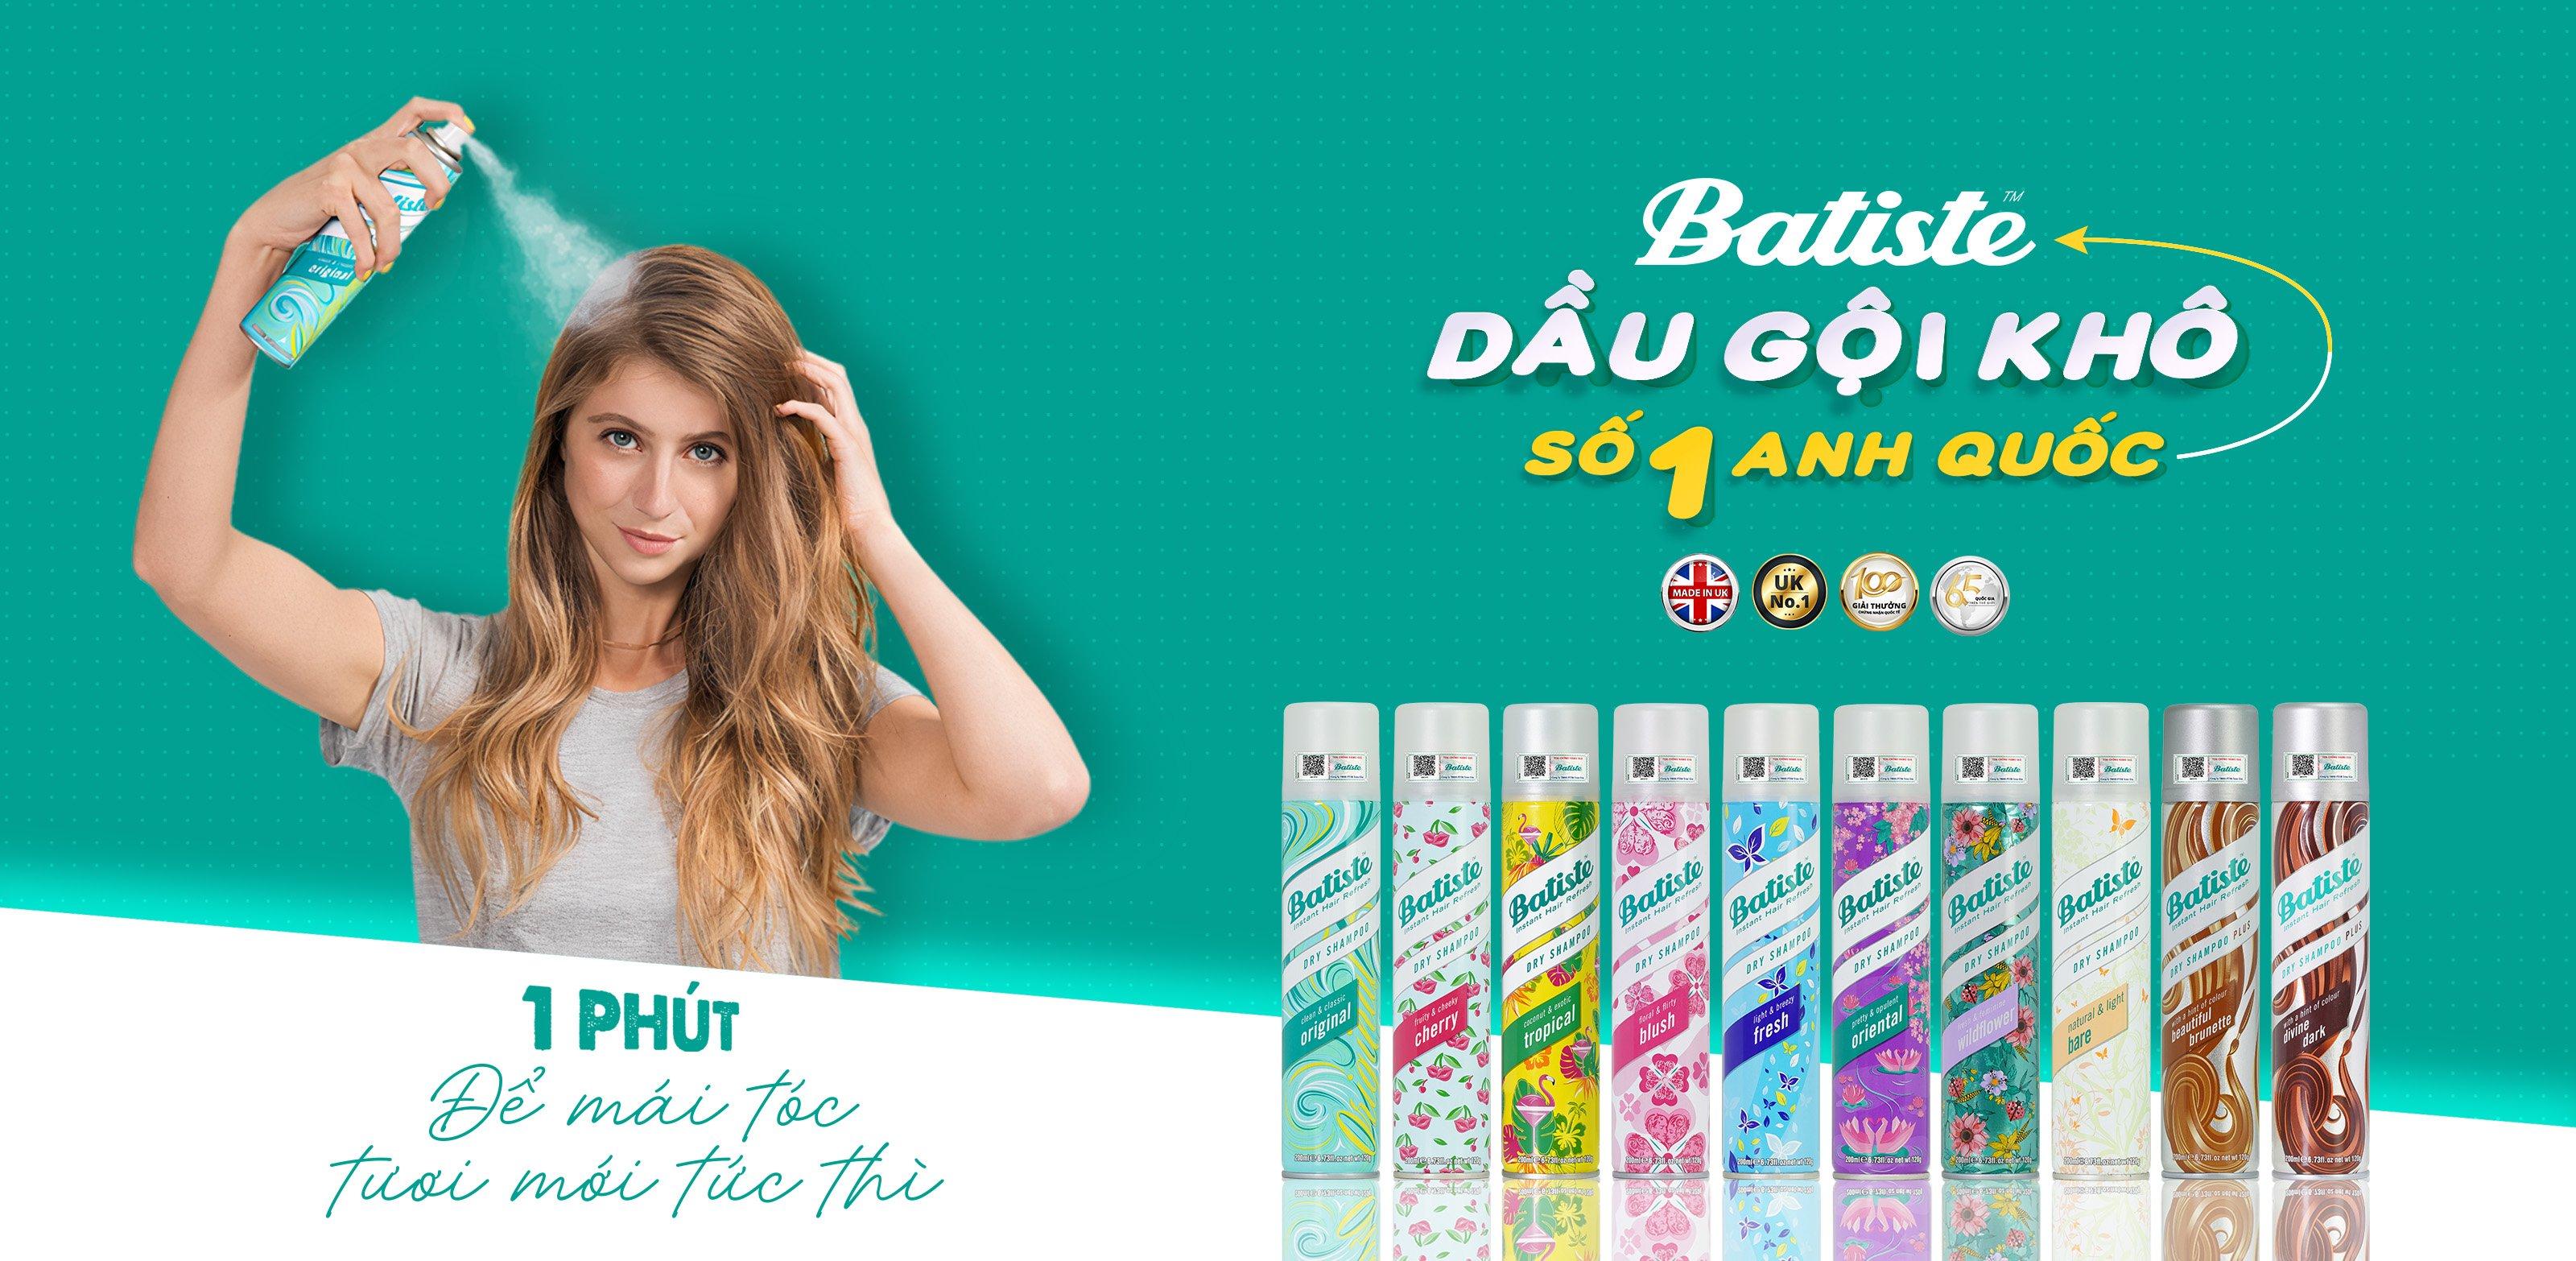 Dầu gội khô Batiste Dry Shampoo 200ml (Nhập khẩu)